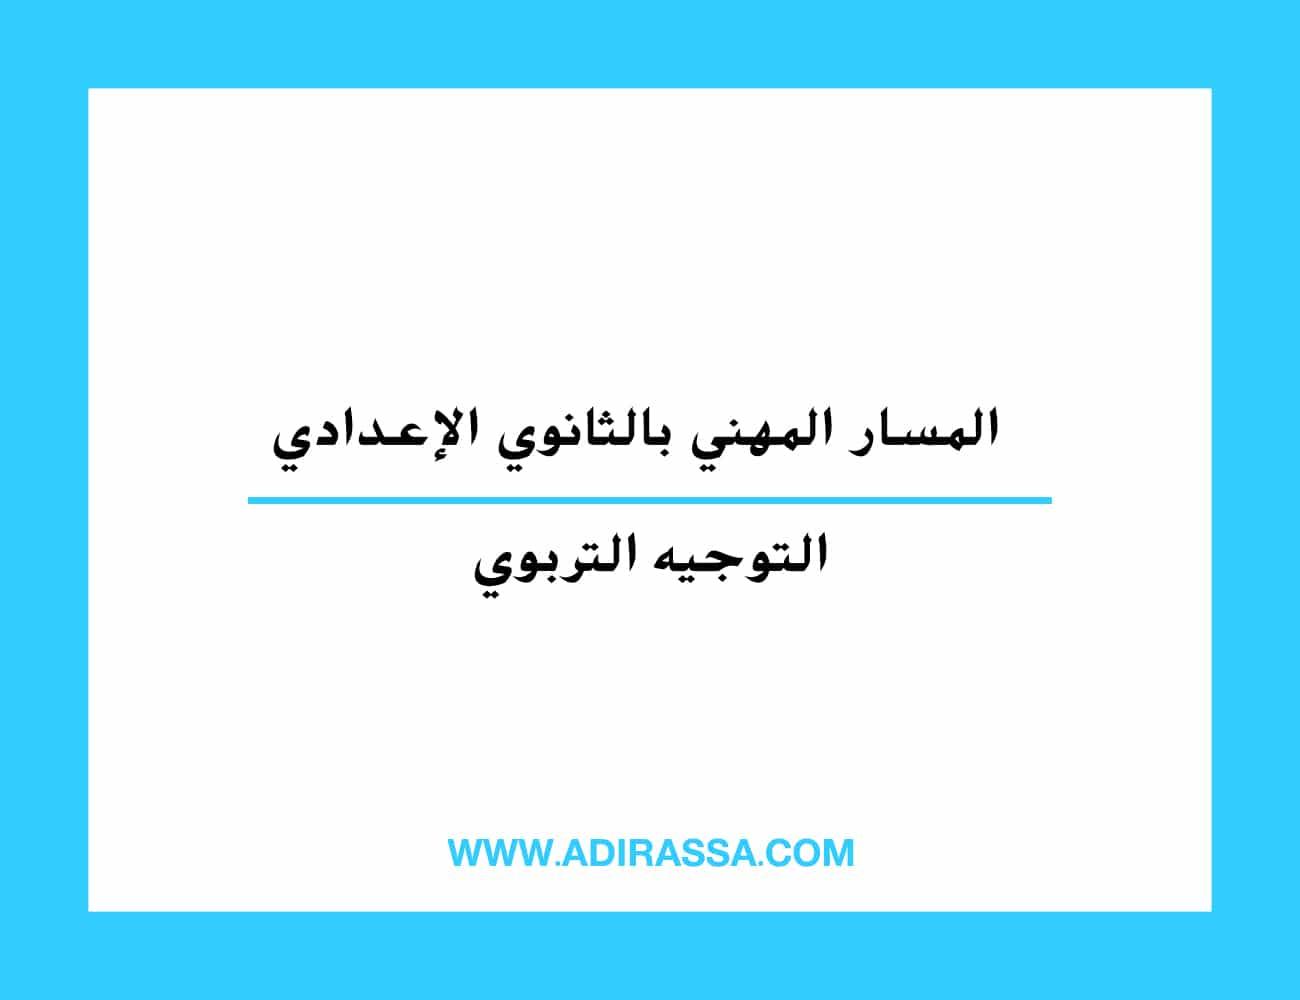 المسار المهني بالثانوي الإعدادي بعد محطة السادسة ابتدائي بالمغرب